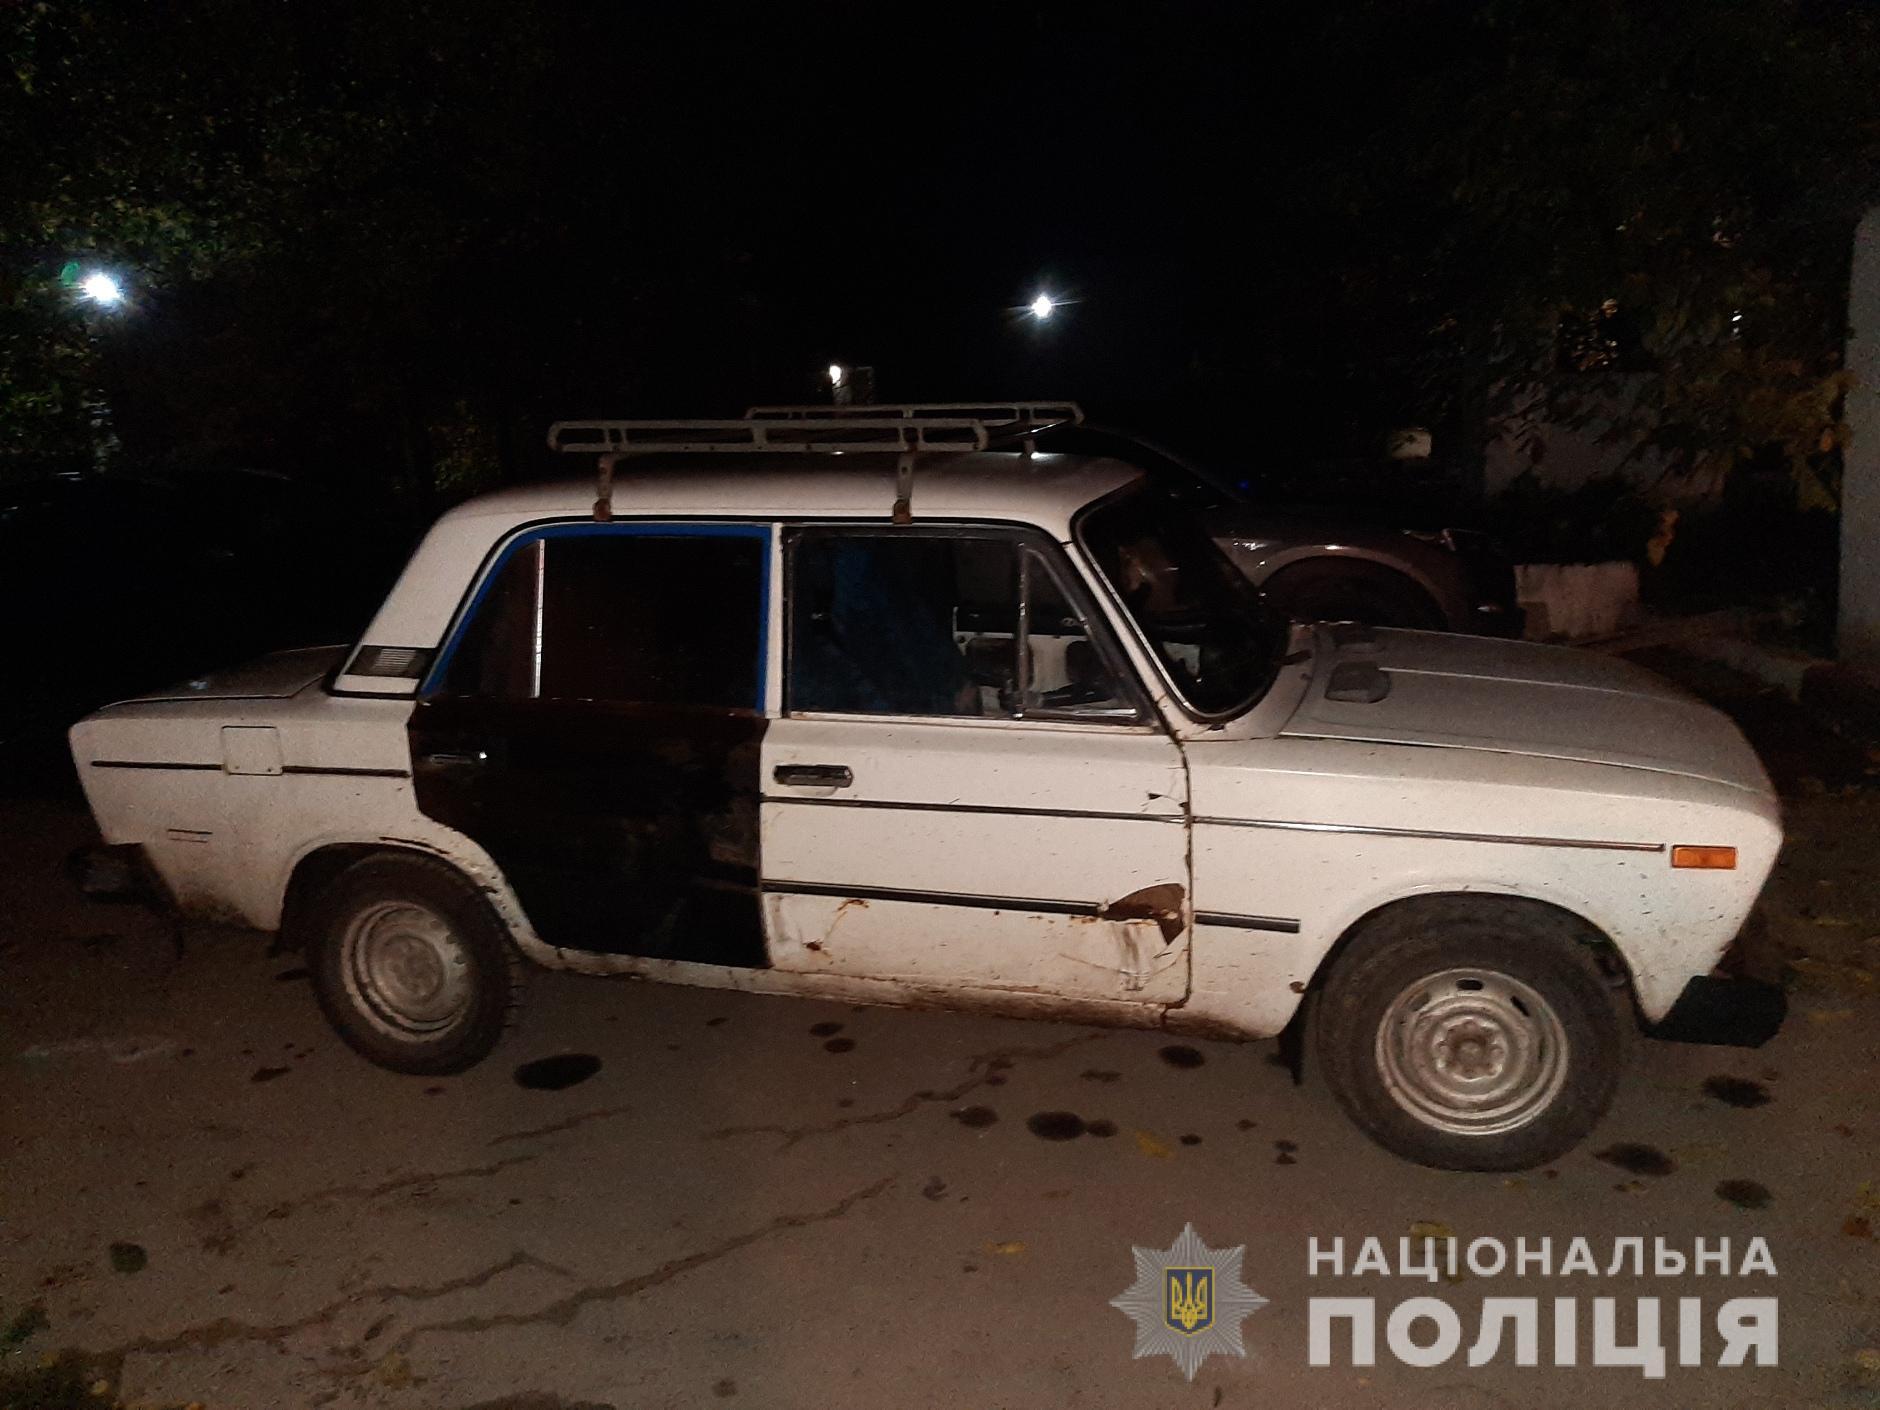 В Харьковской области охотники обстреляли легковой автомобиль, пострадали пассажиры (фото)